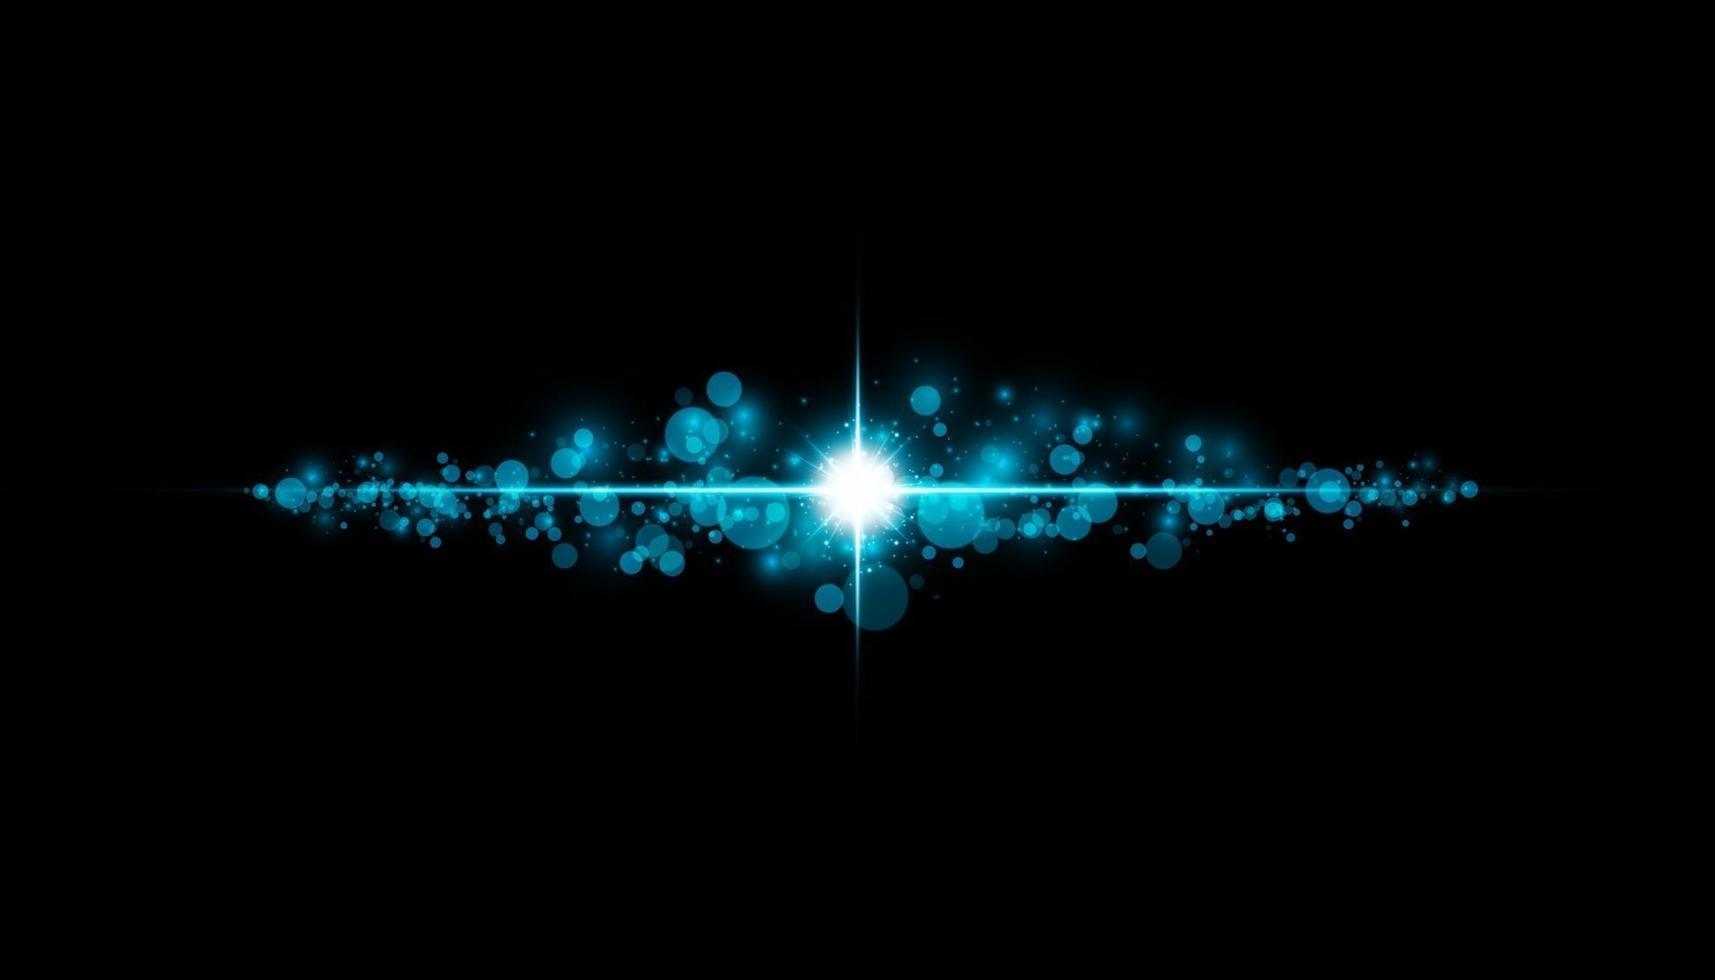 gloed geïsoleerd blauw transparant effect, lensflare, explosie, glitter, lijn, zonneflits, vonk en sterren. ter illustratie sjabloon art design, banner voor kerst vieren, magische flits energie straal. creatief concept. vector